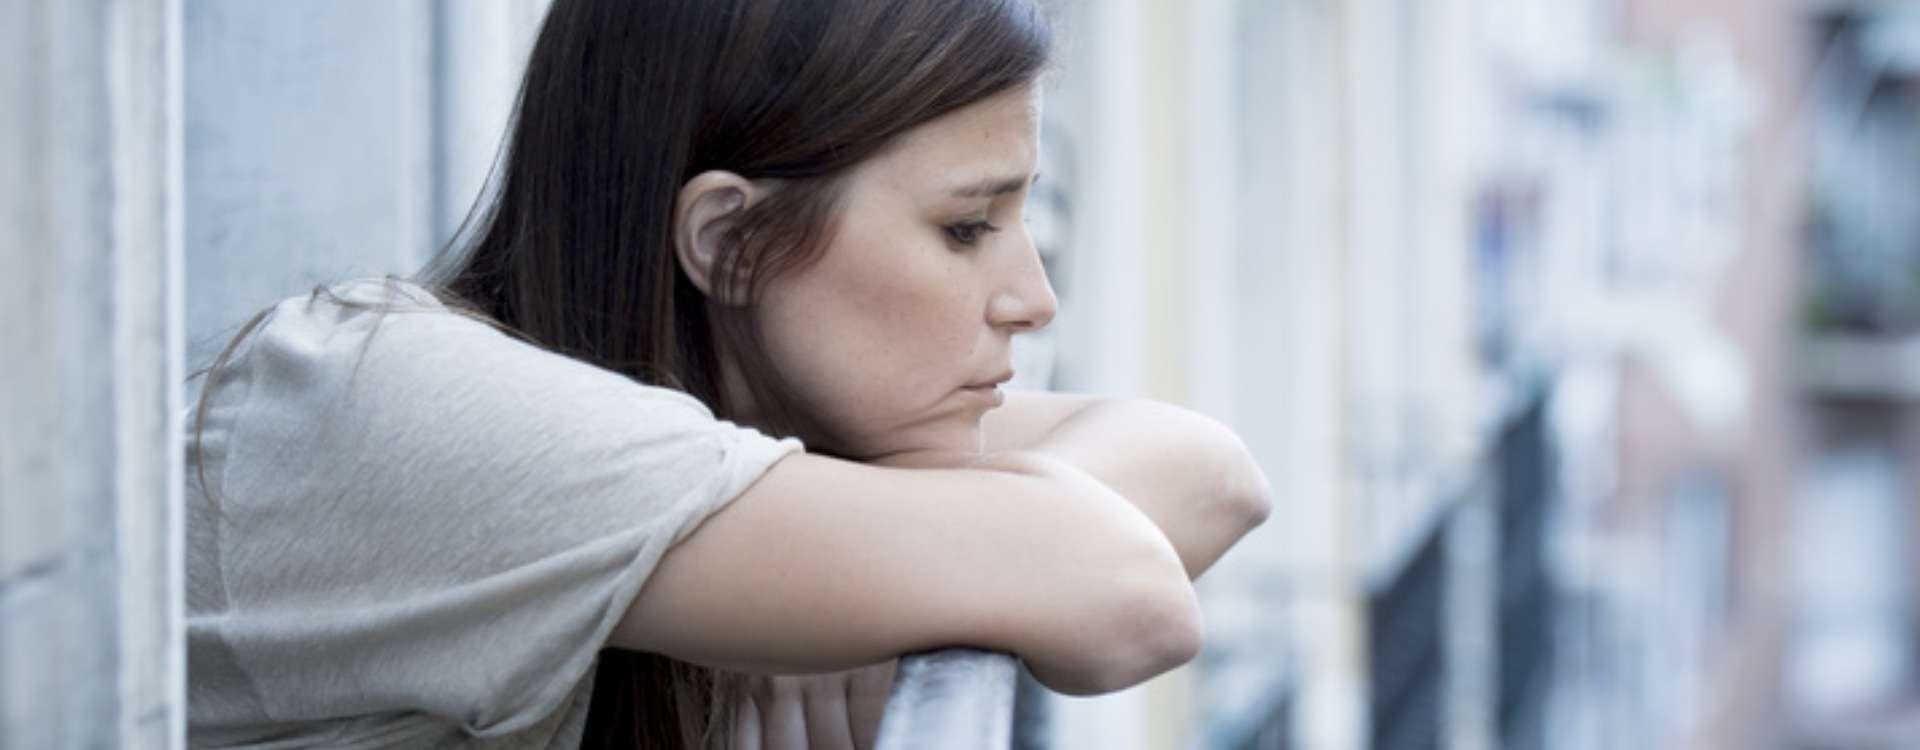 Comment oublier son ex et se reconstruire